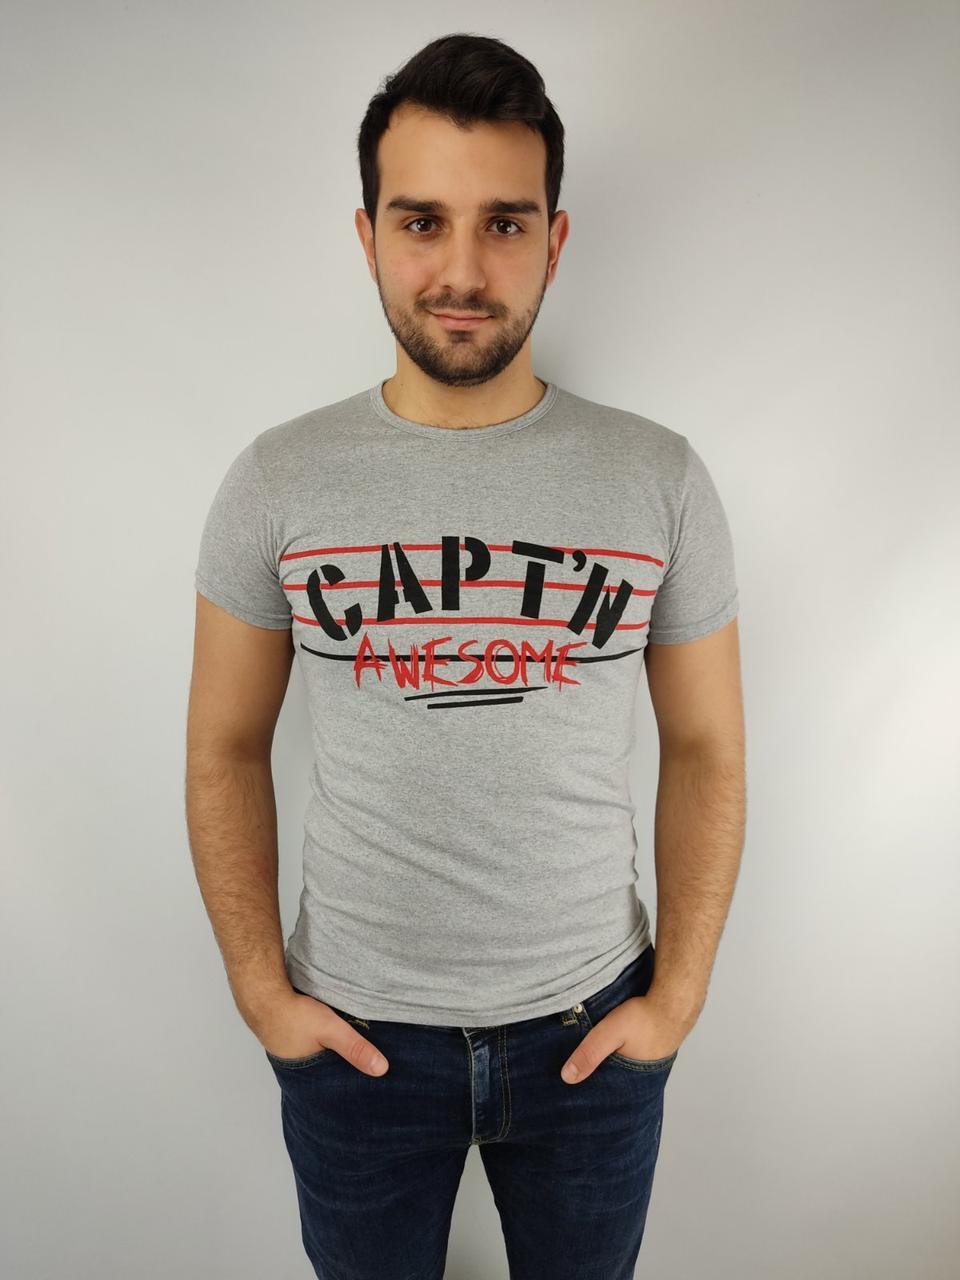 Мужская футболка норма  46-52рр, CAPT^N, серый